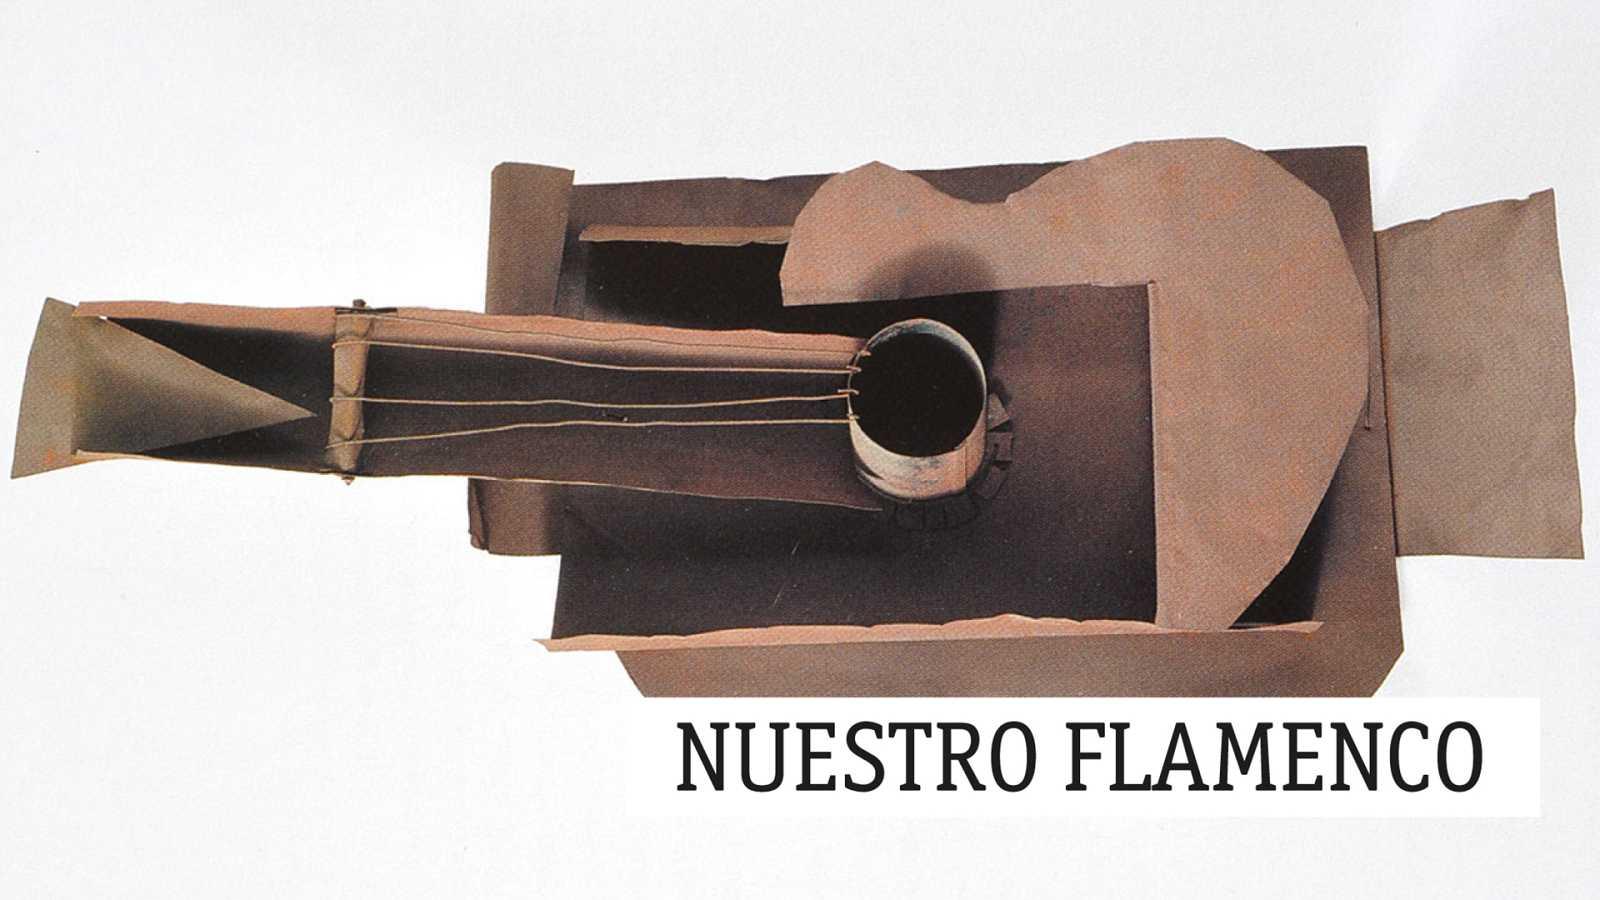 Nuestro flamenco - El Tardo Antiguo de Antonio Campos - 17/03/20 - escuchar ahora